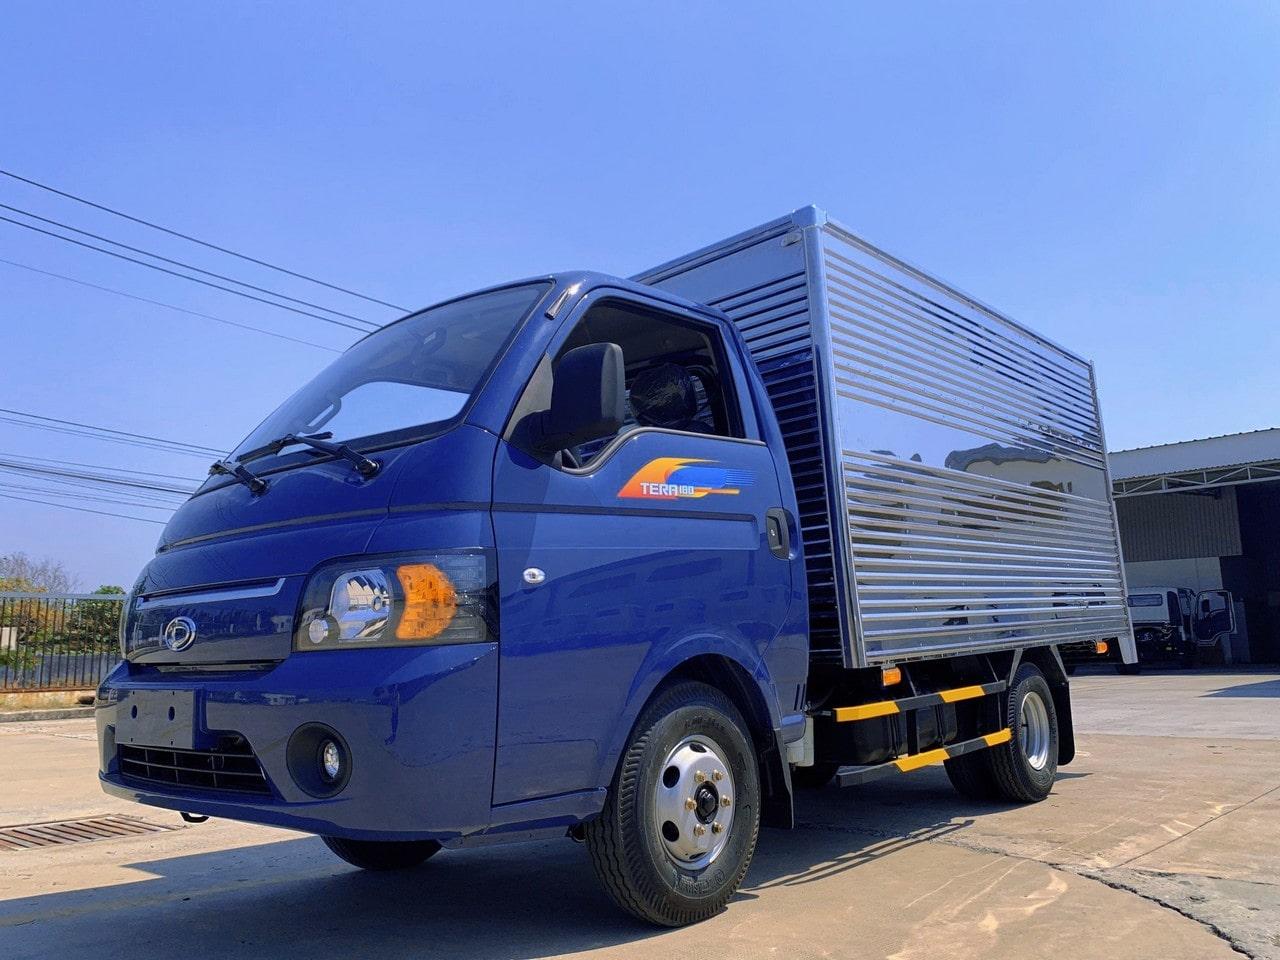 Ngoai thất xe tải Tera 1.8 tấn